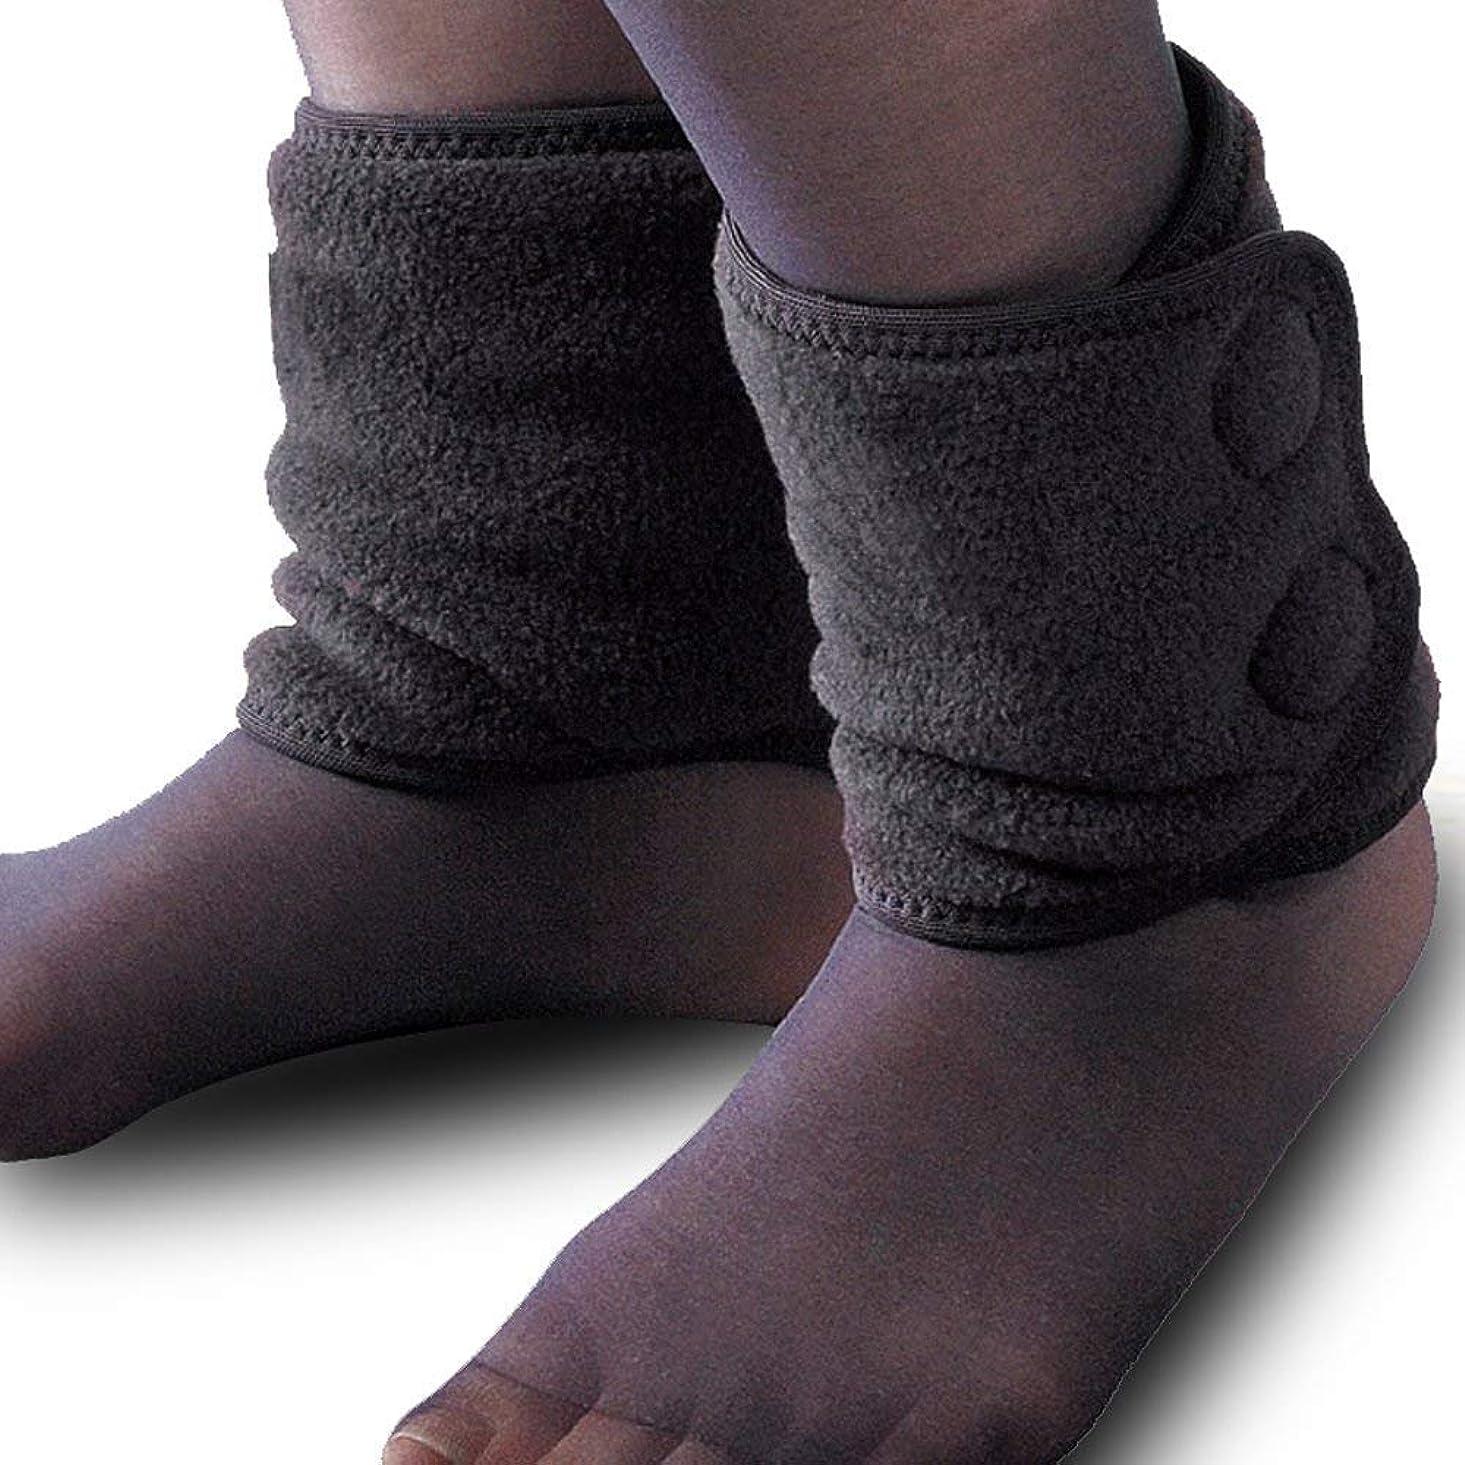 変装した急速なぞっとするようなbonbone 発熱ウォーマー足くび用 ブラック ×2個セット